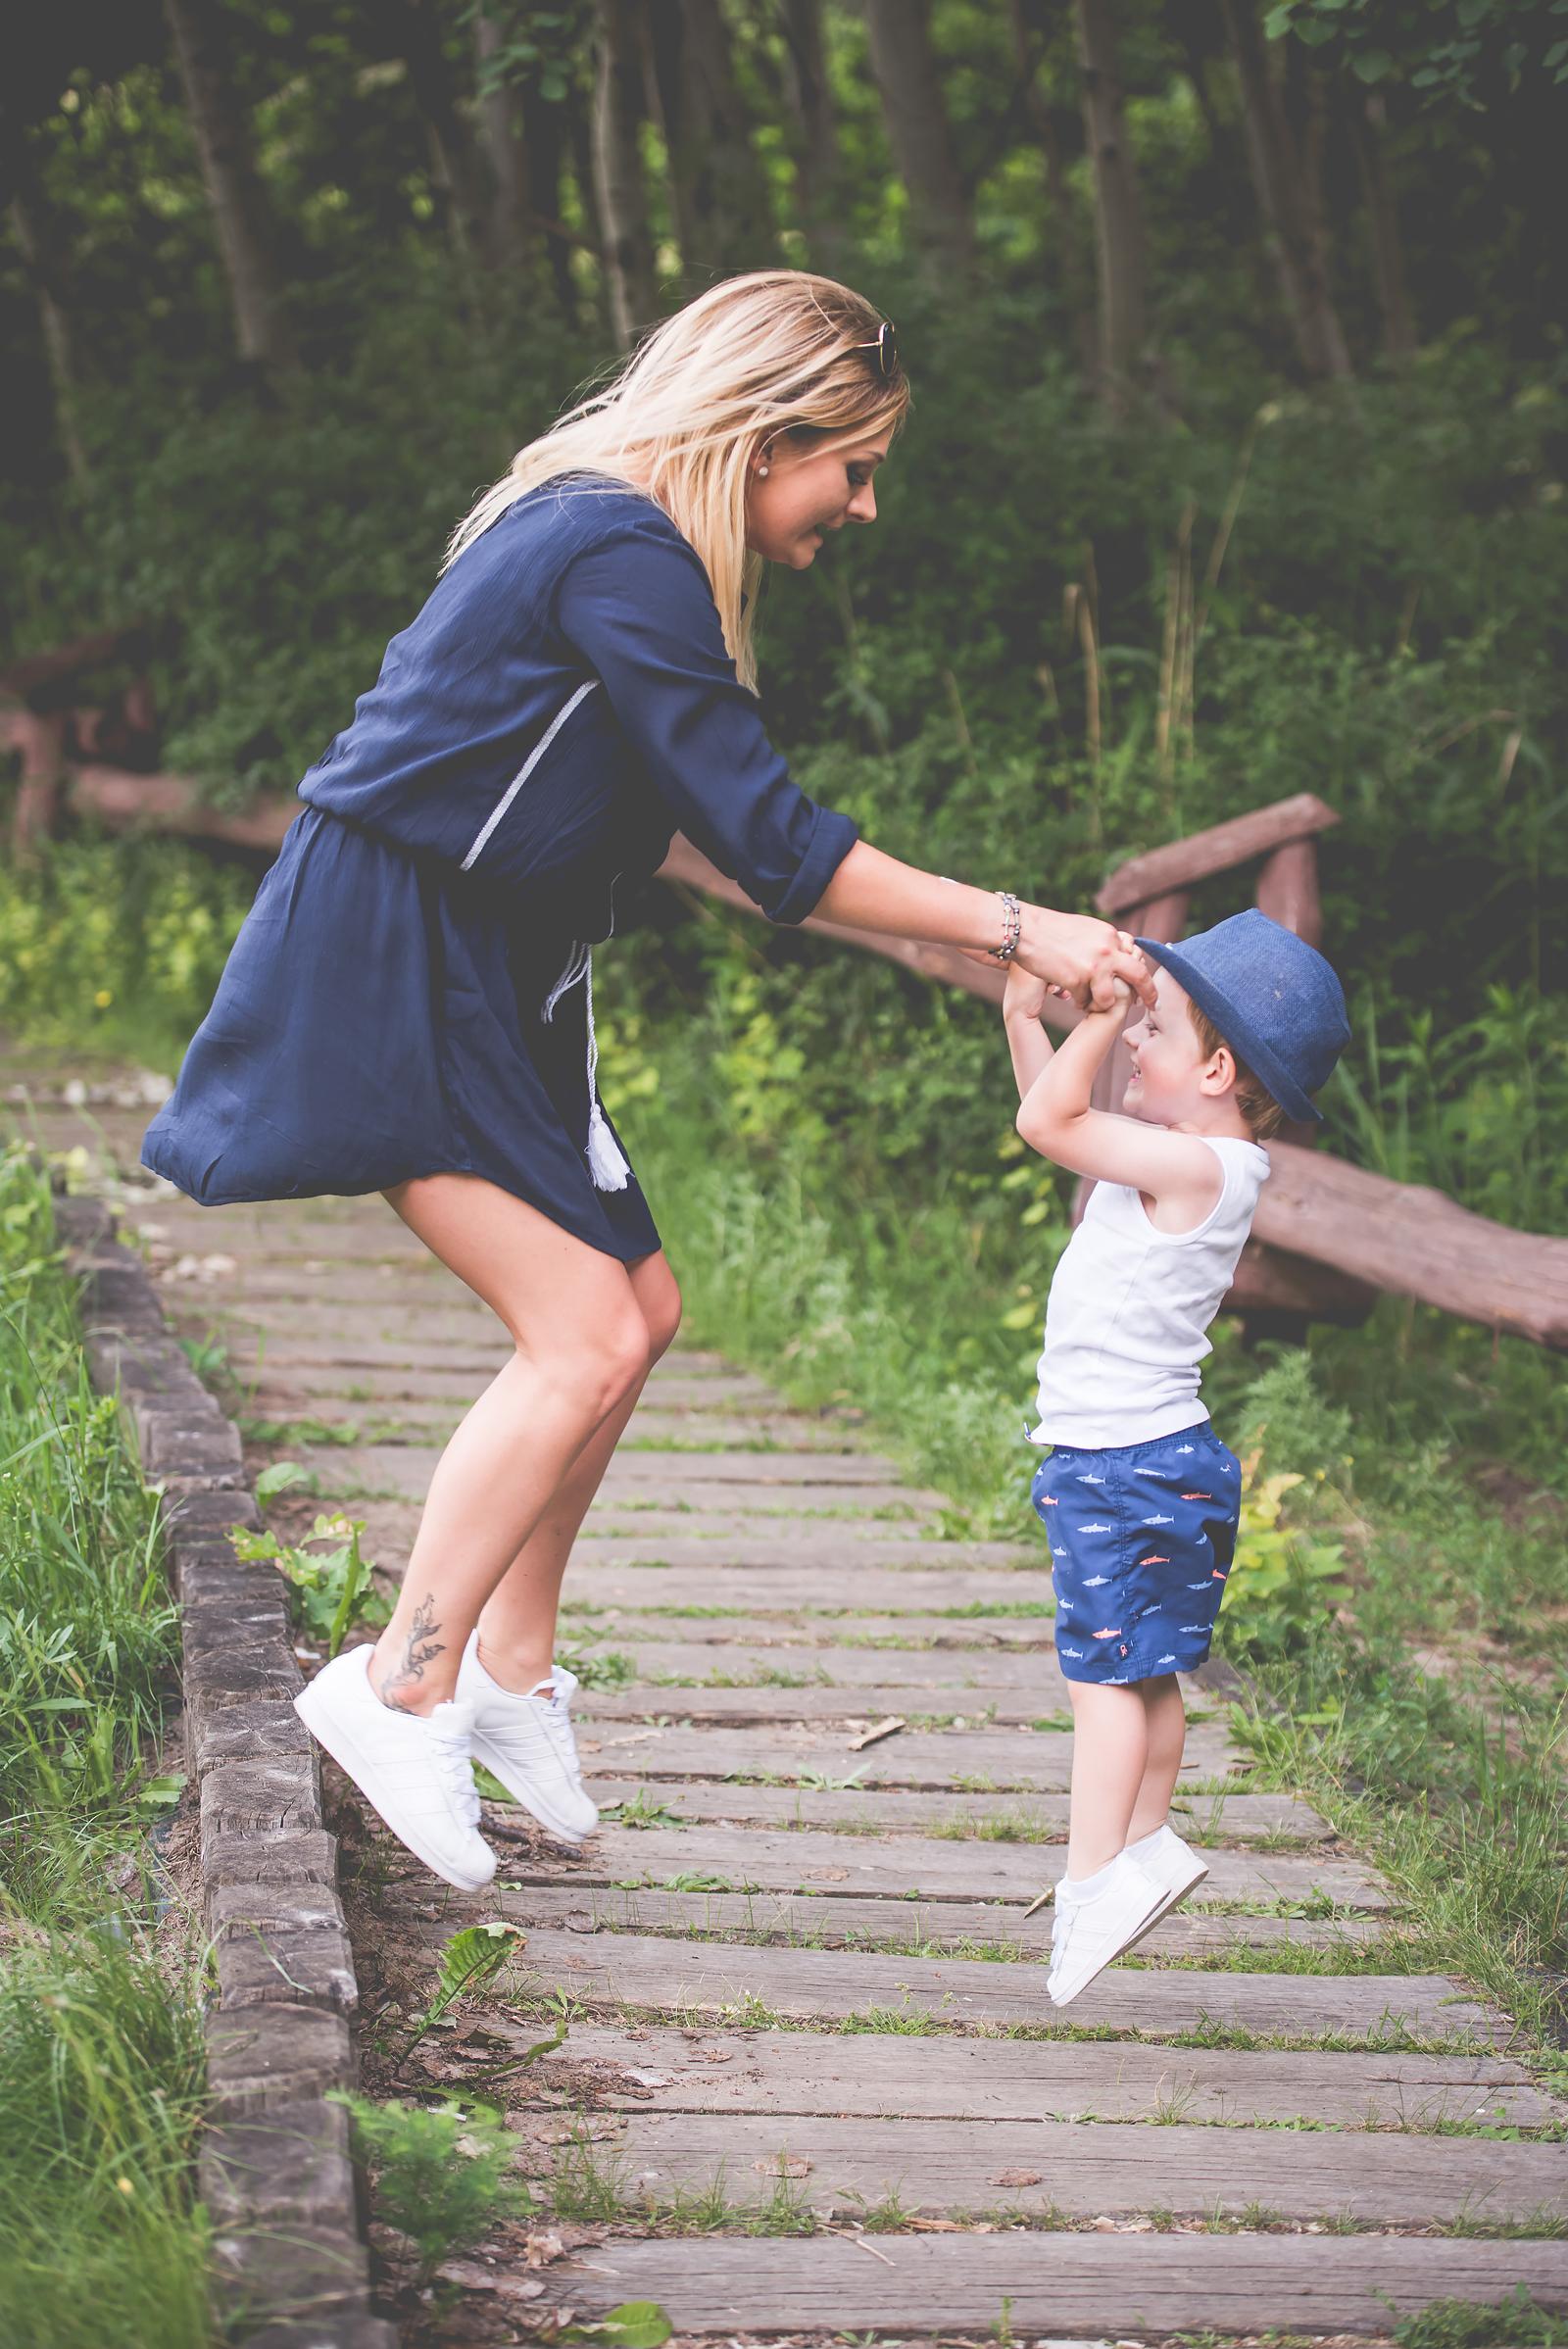 Blog Modowy Wedel Las Brodnowski Zalando Sukienka Boho GAP Adidas Superstar Blogerka Modowa00044